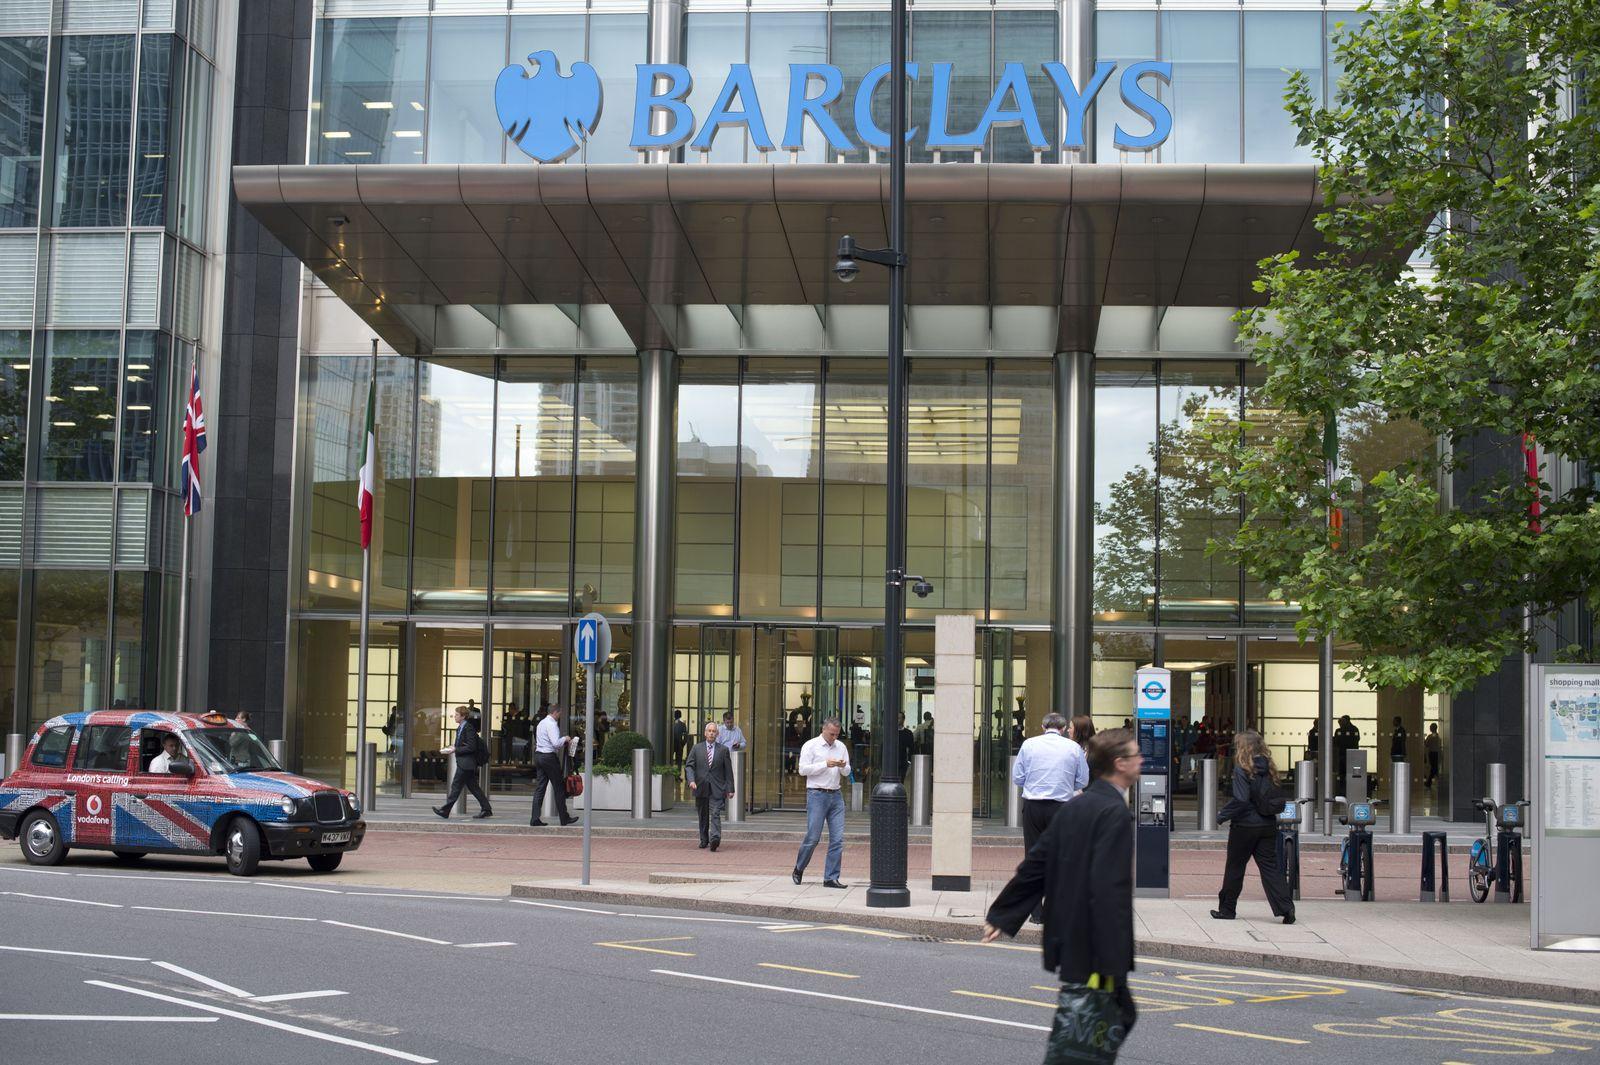 NICHT VERWENDEN Barclays